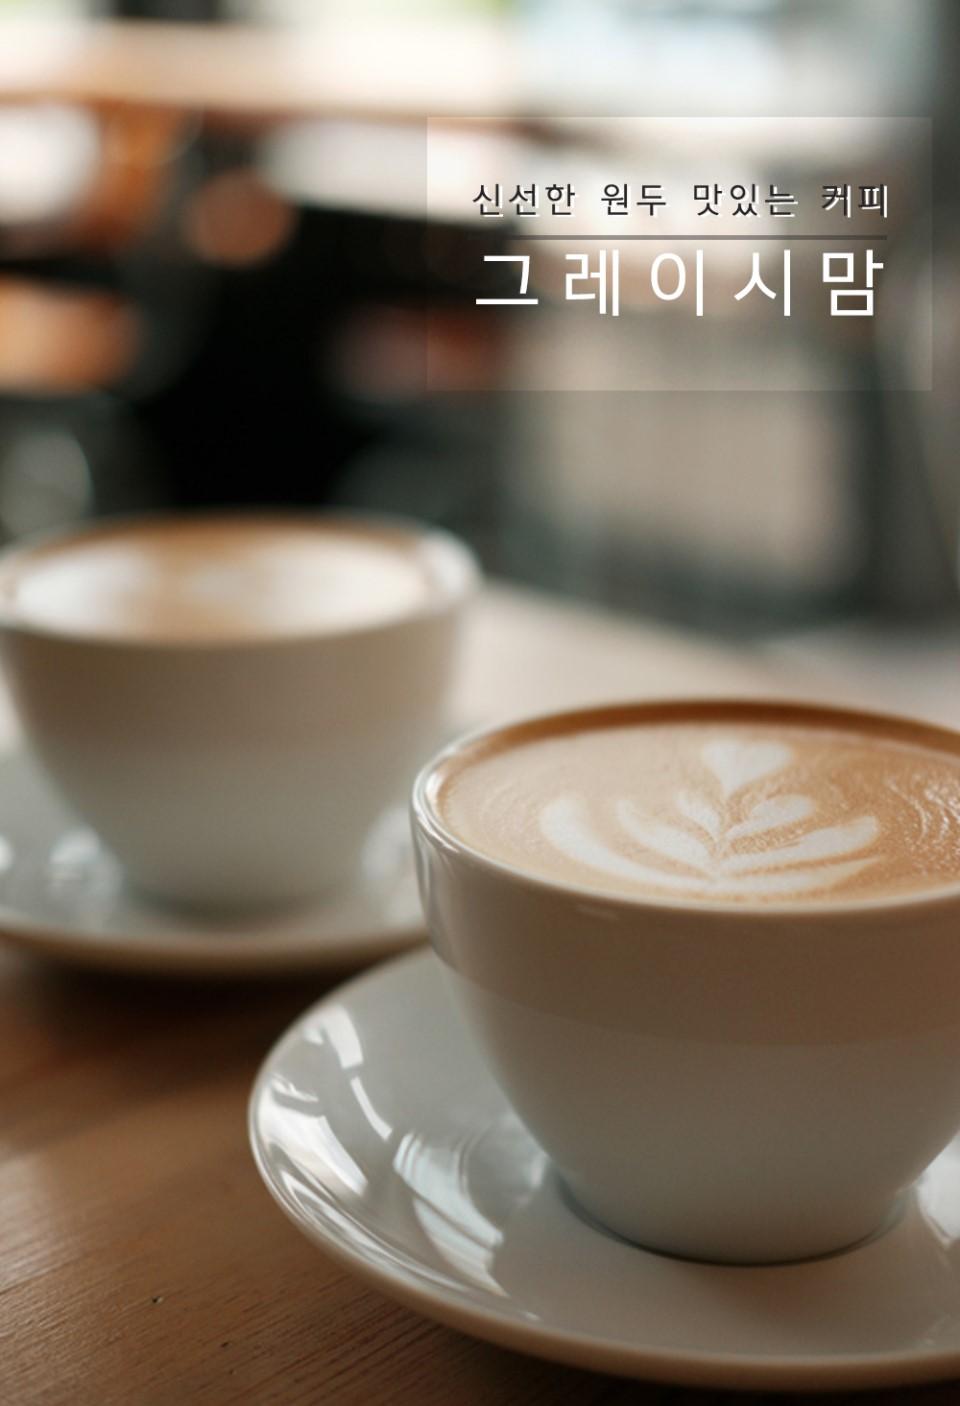 신선한 원두, 맛있는 커피